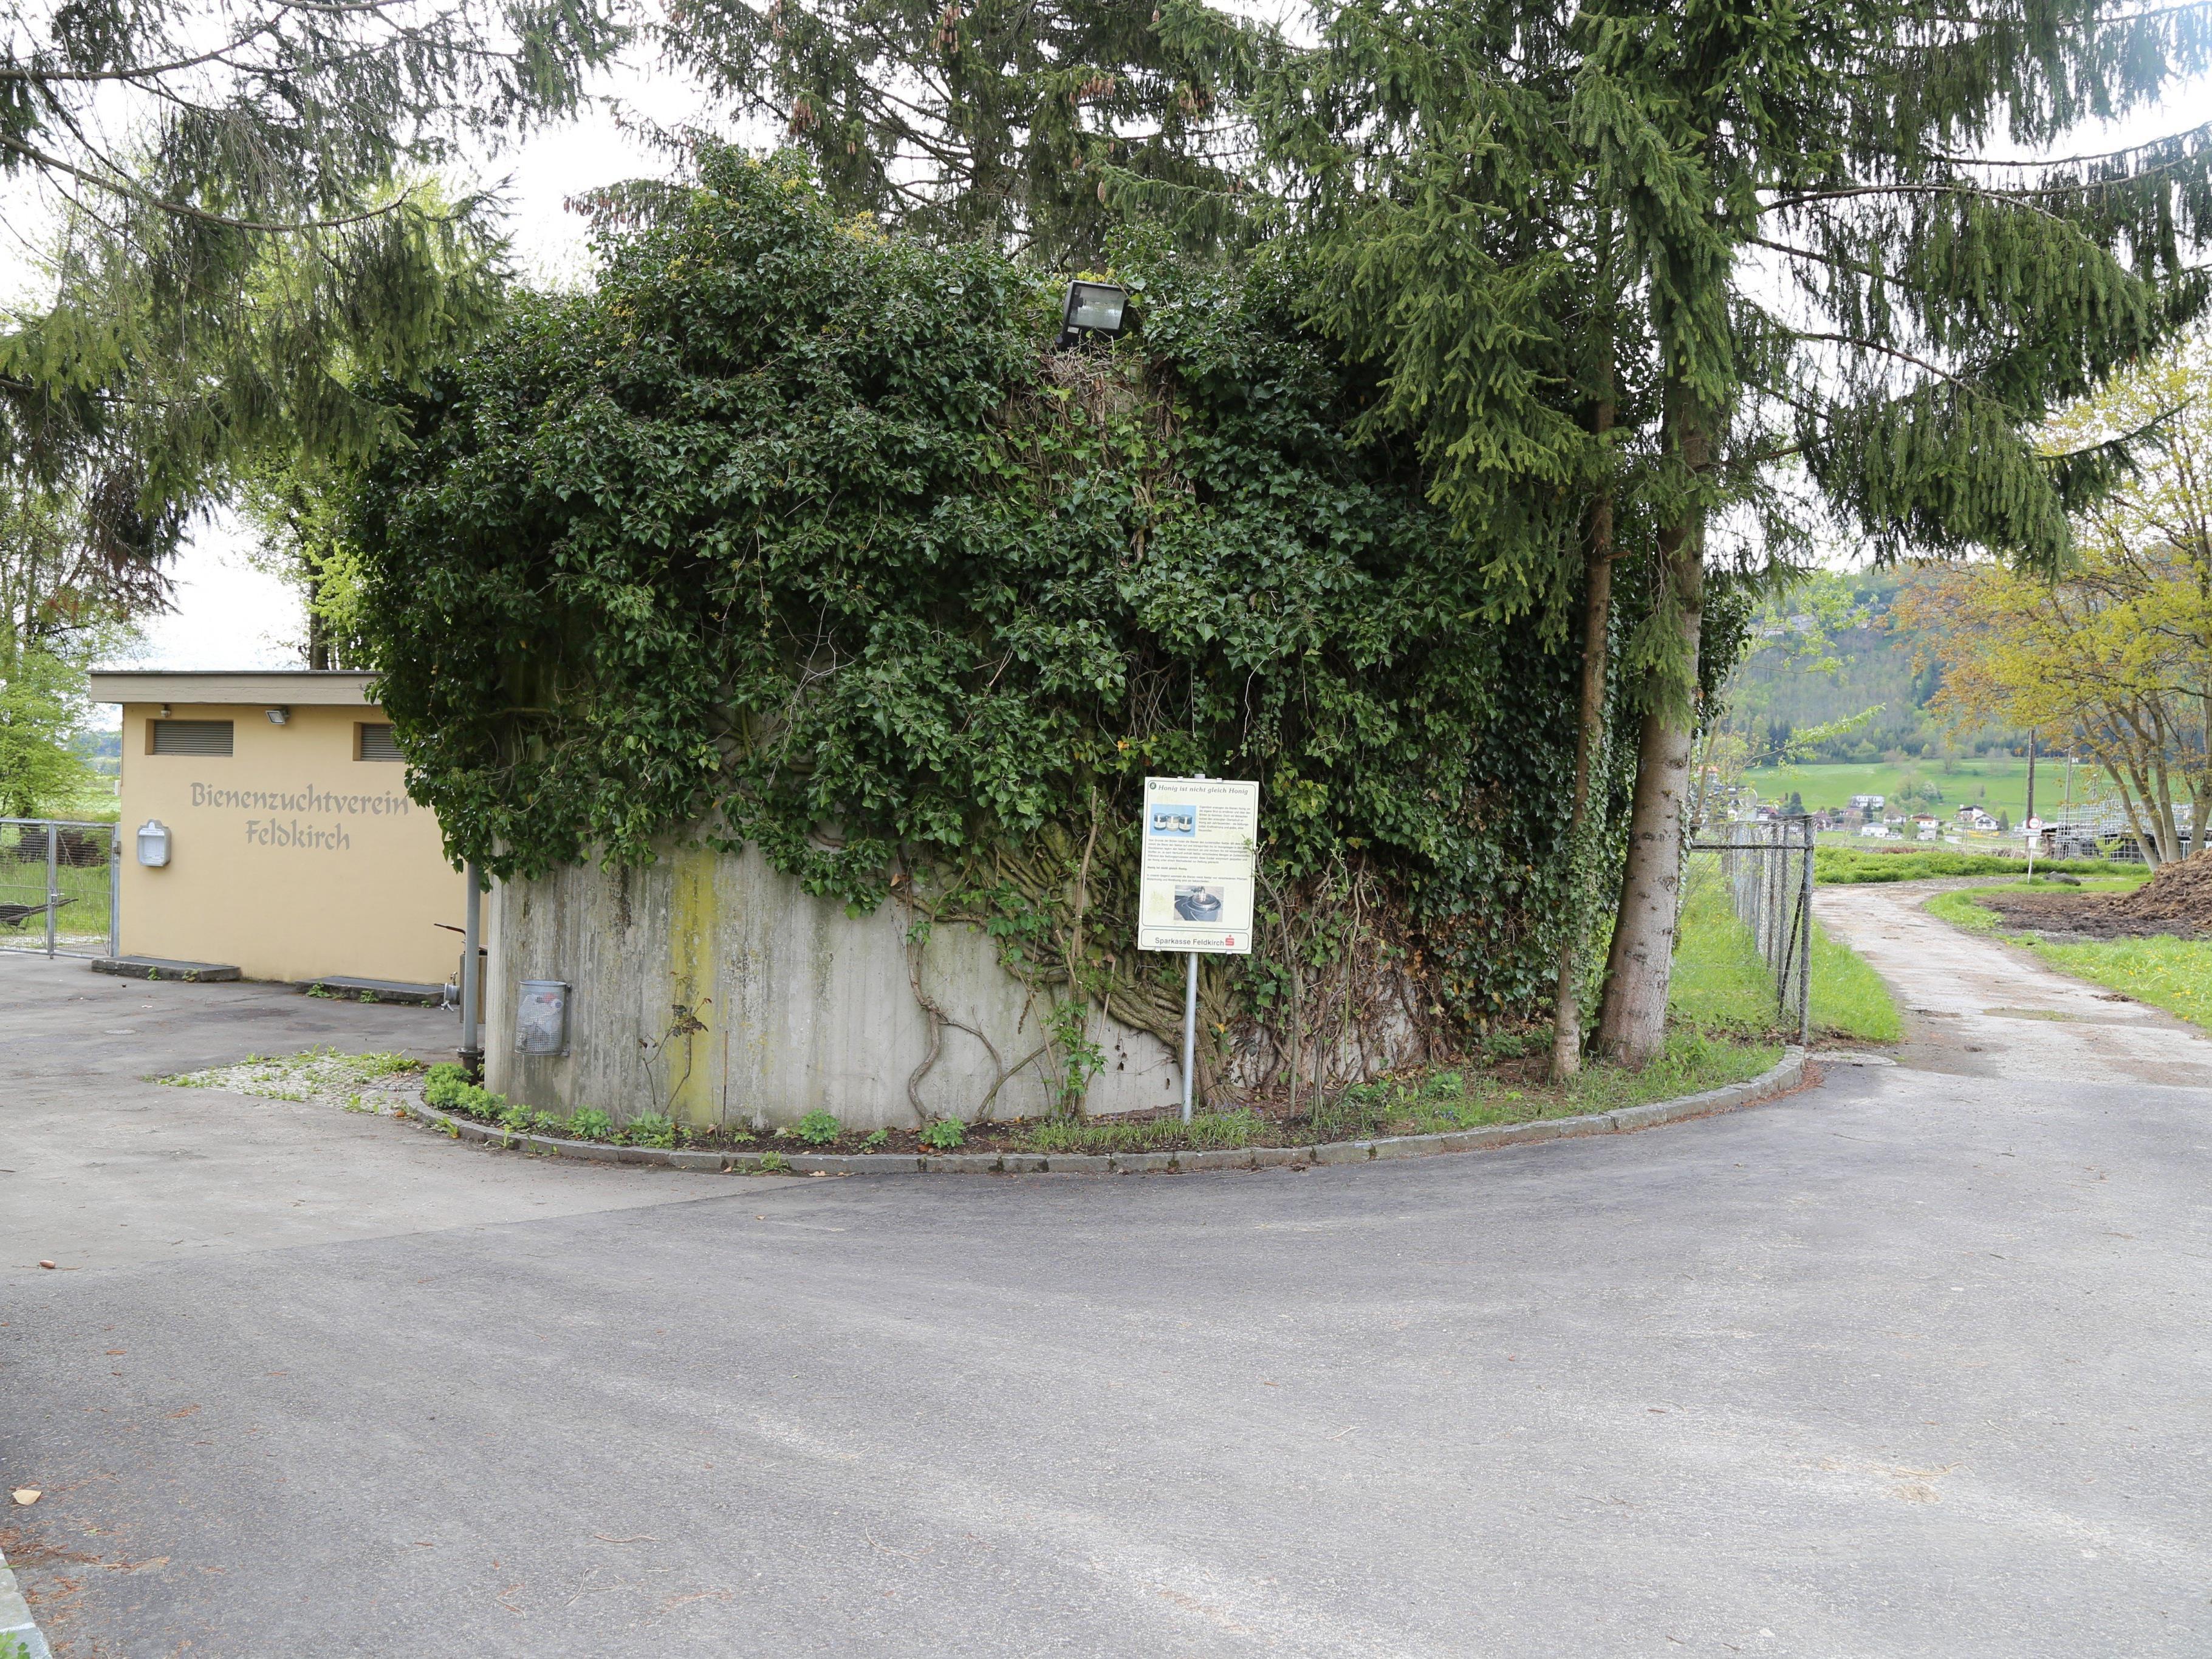 Direkt neben dem Bienenhaus in Tisis steht ein Betonsilo, das vom ortsansässigen Funkenkomitee genutzt werden kann.